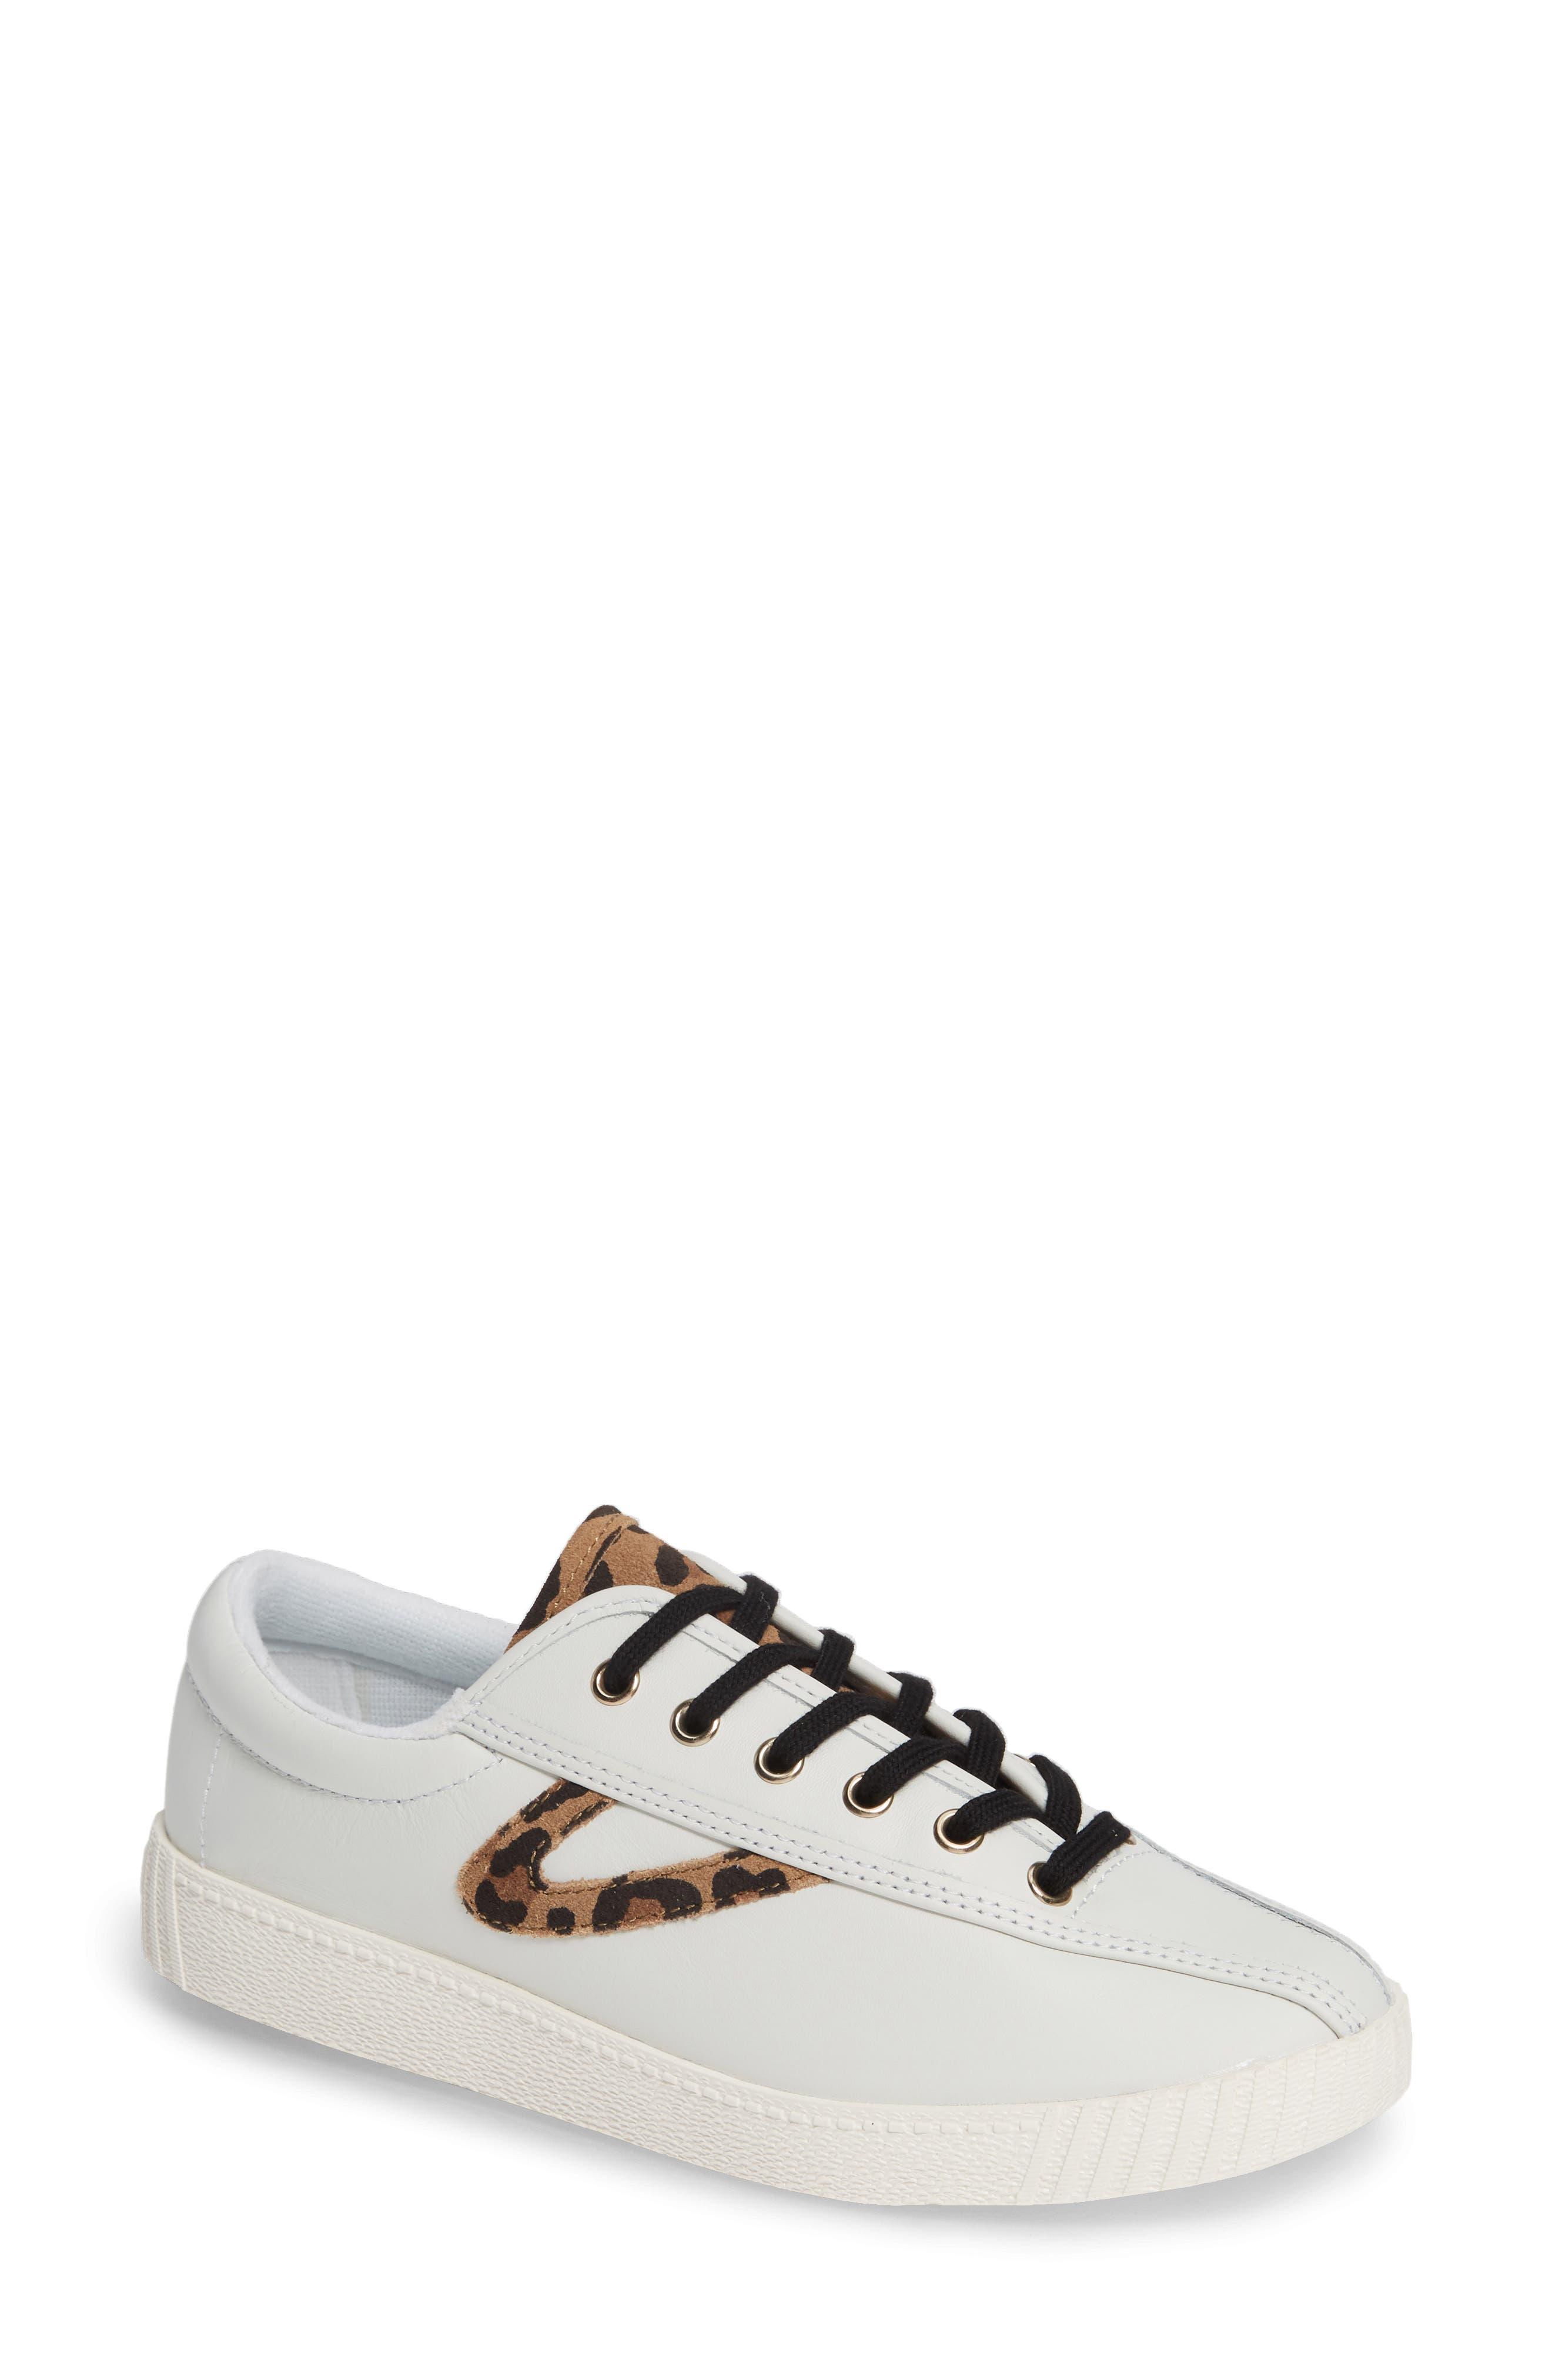 Patterned Sneaker,                             Main thumbnail 1, color,                             Vintage White/ Tan Multi